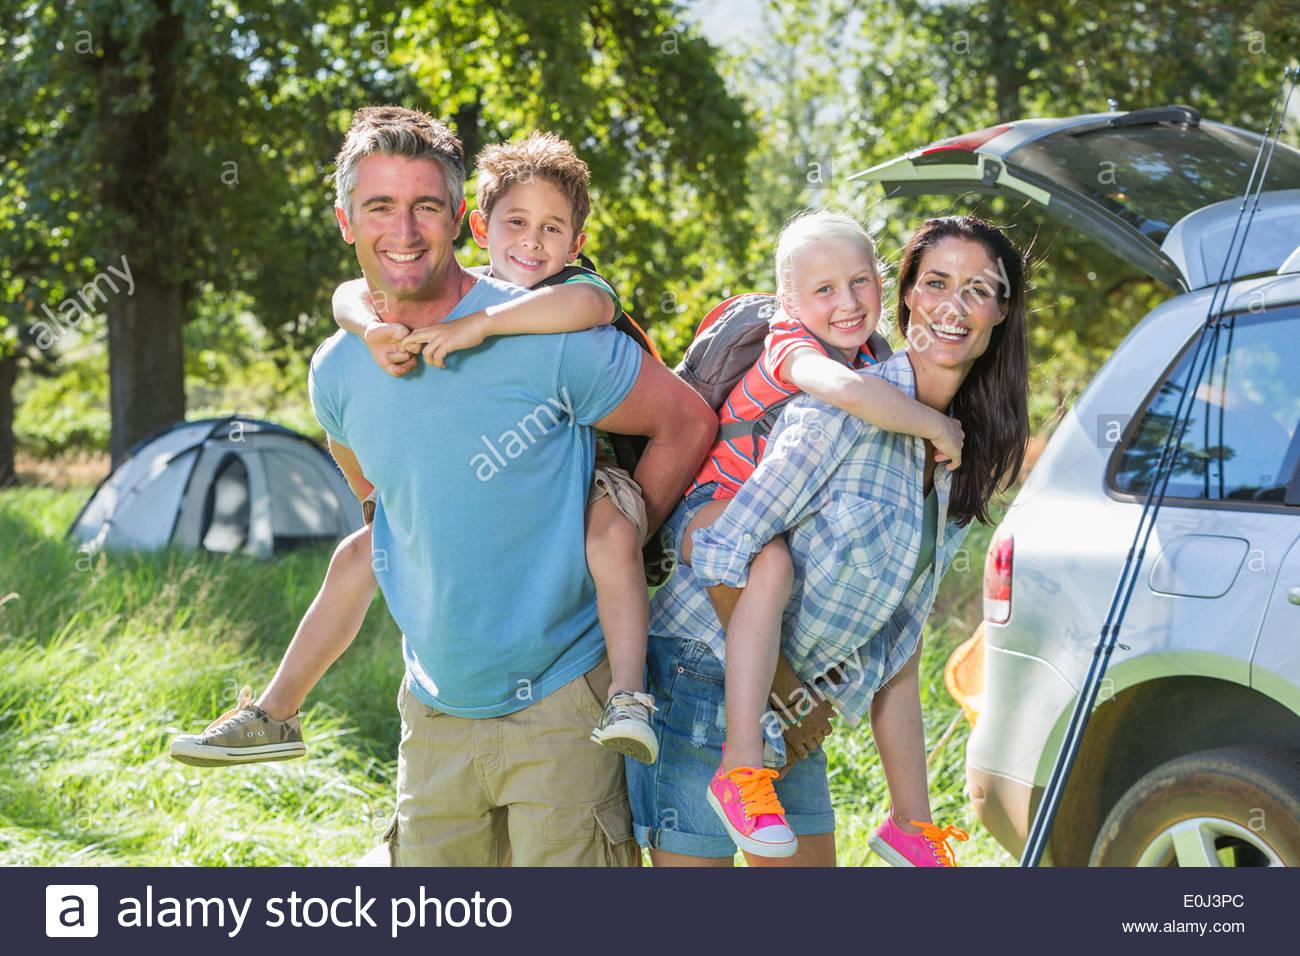 Familia Flying Kite Camping vacaciones en campo Imagen De Stock